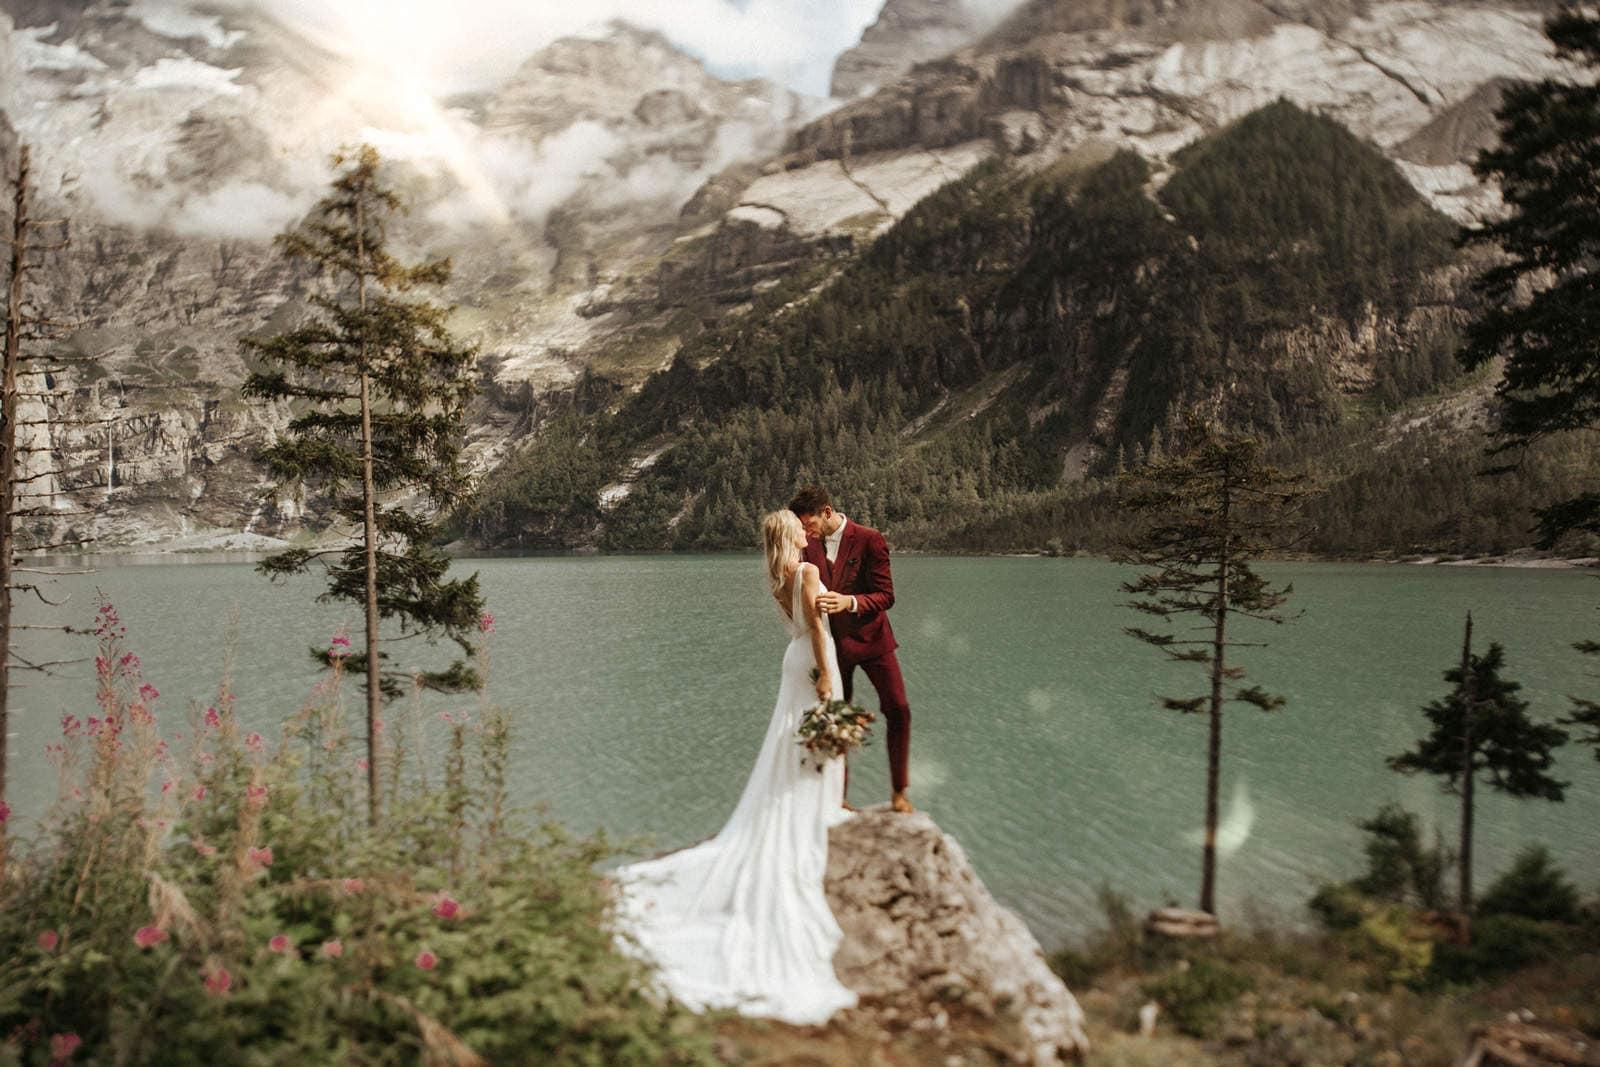 swiss alps elopement photo of bride and groom